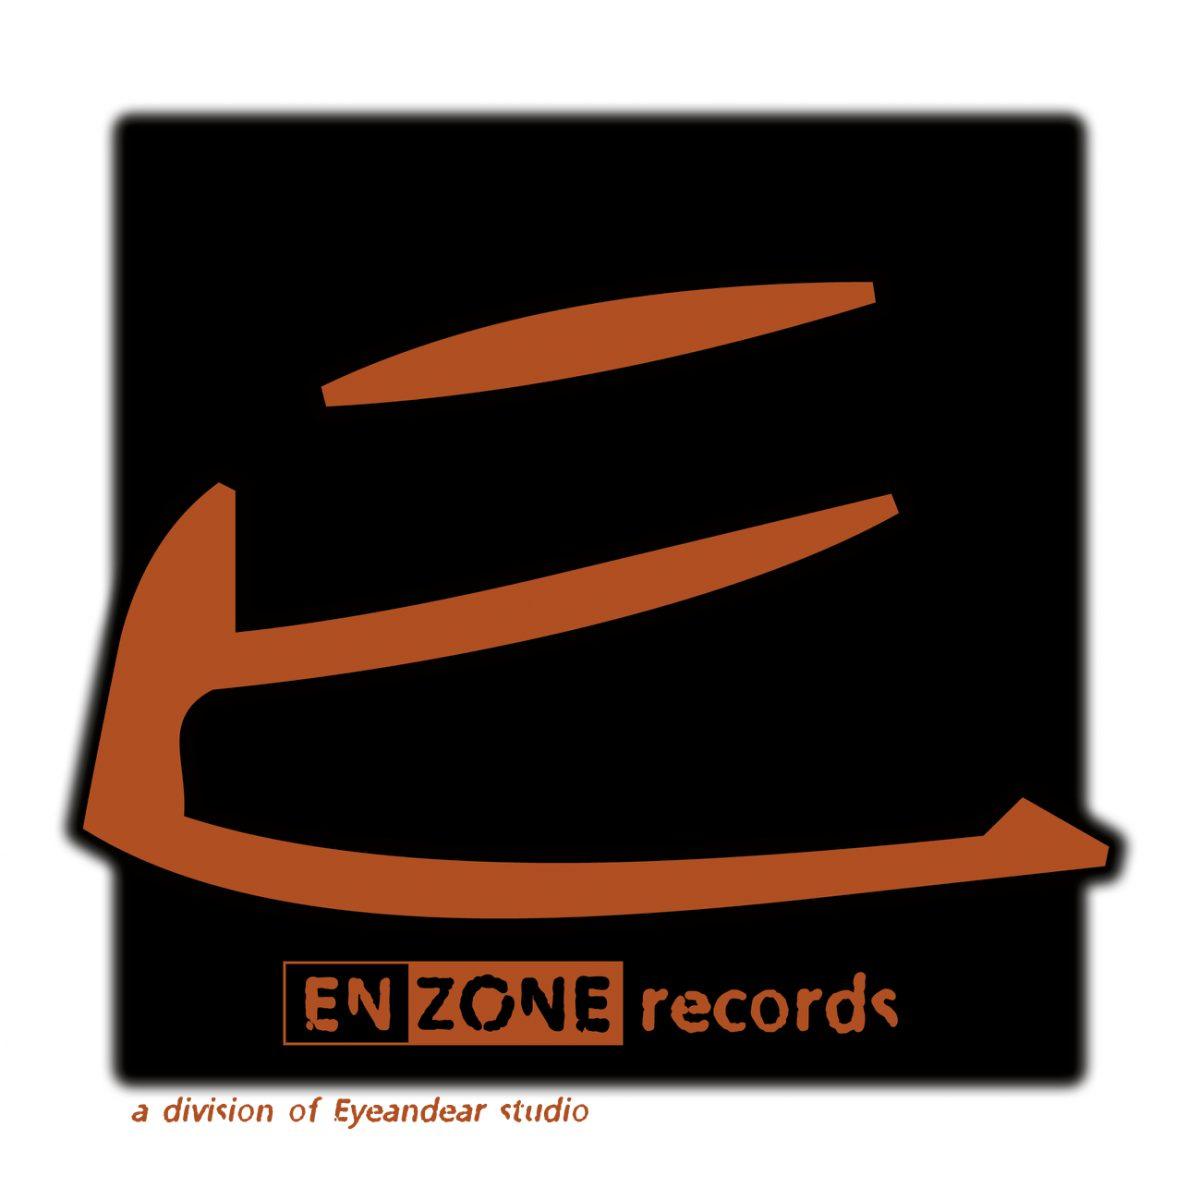 Etichette discografiche indipendenti: EnZone Records